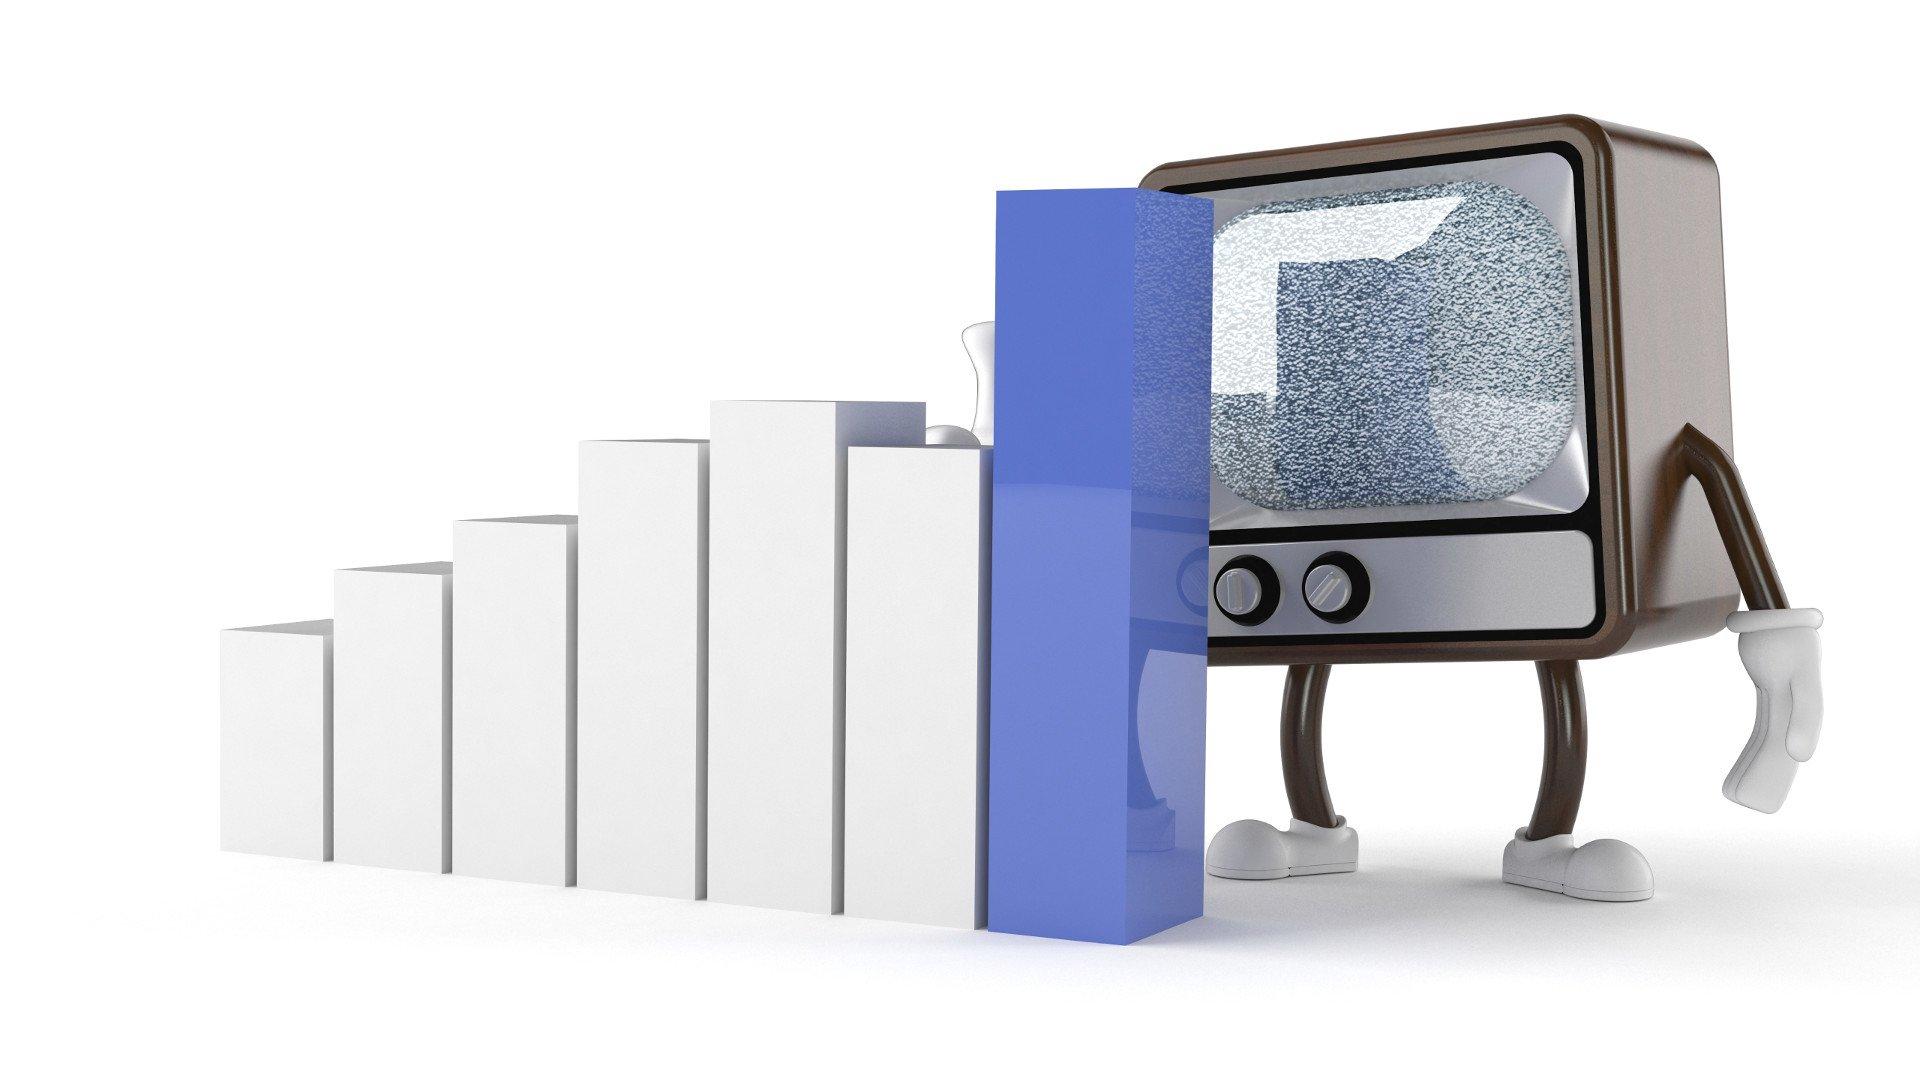 screenforce-netto-mediabestedingen-nielsen-eerste-helft-2016